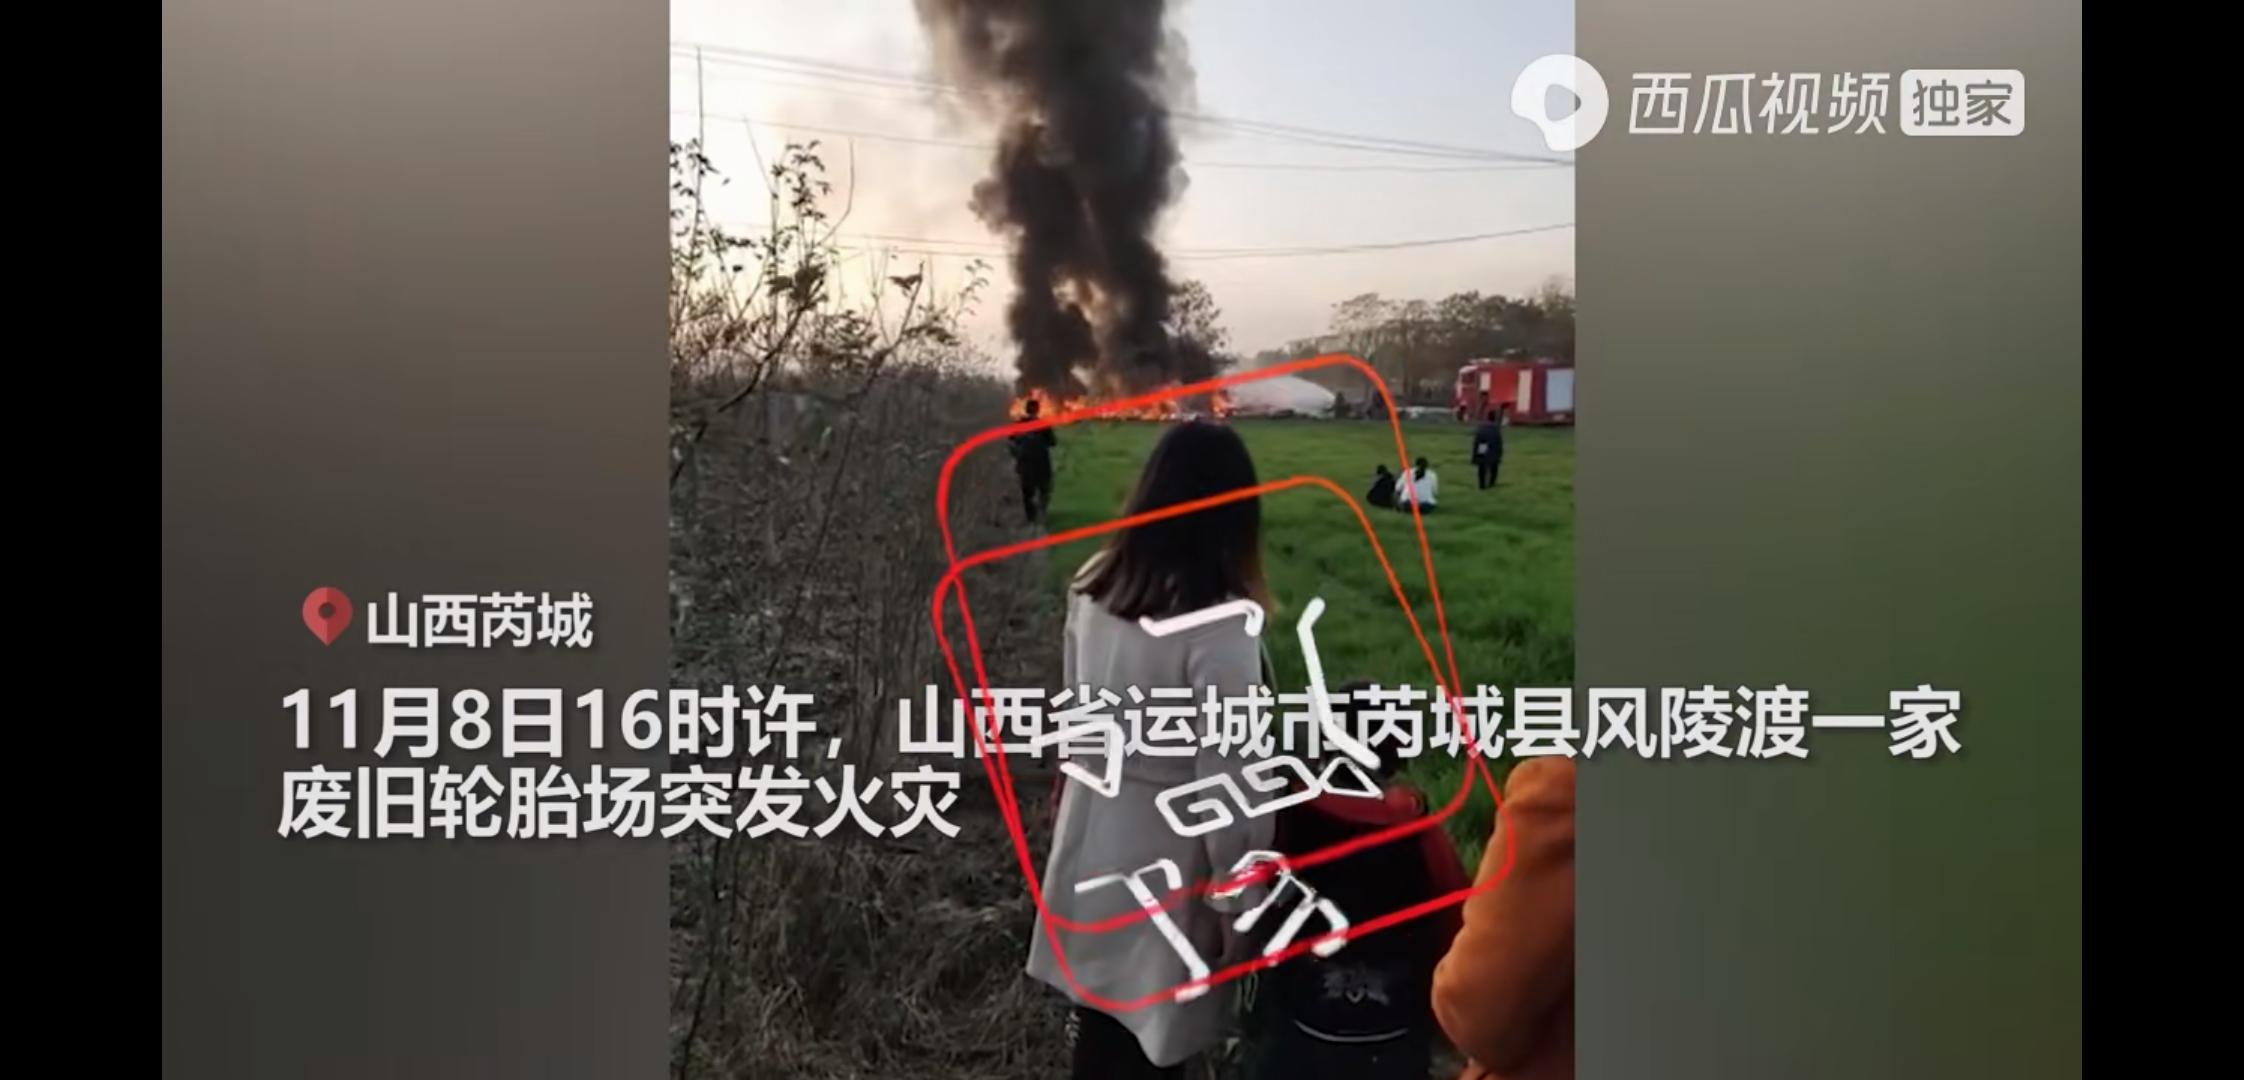 山西芮城县 风陵渡一废旧轮胎场发生火灾,现场烟尘弥漫 消防员赶到现场紧急扑救